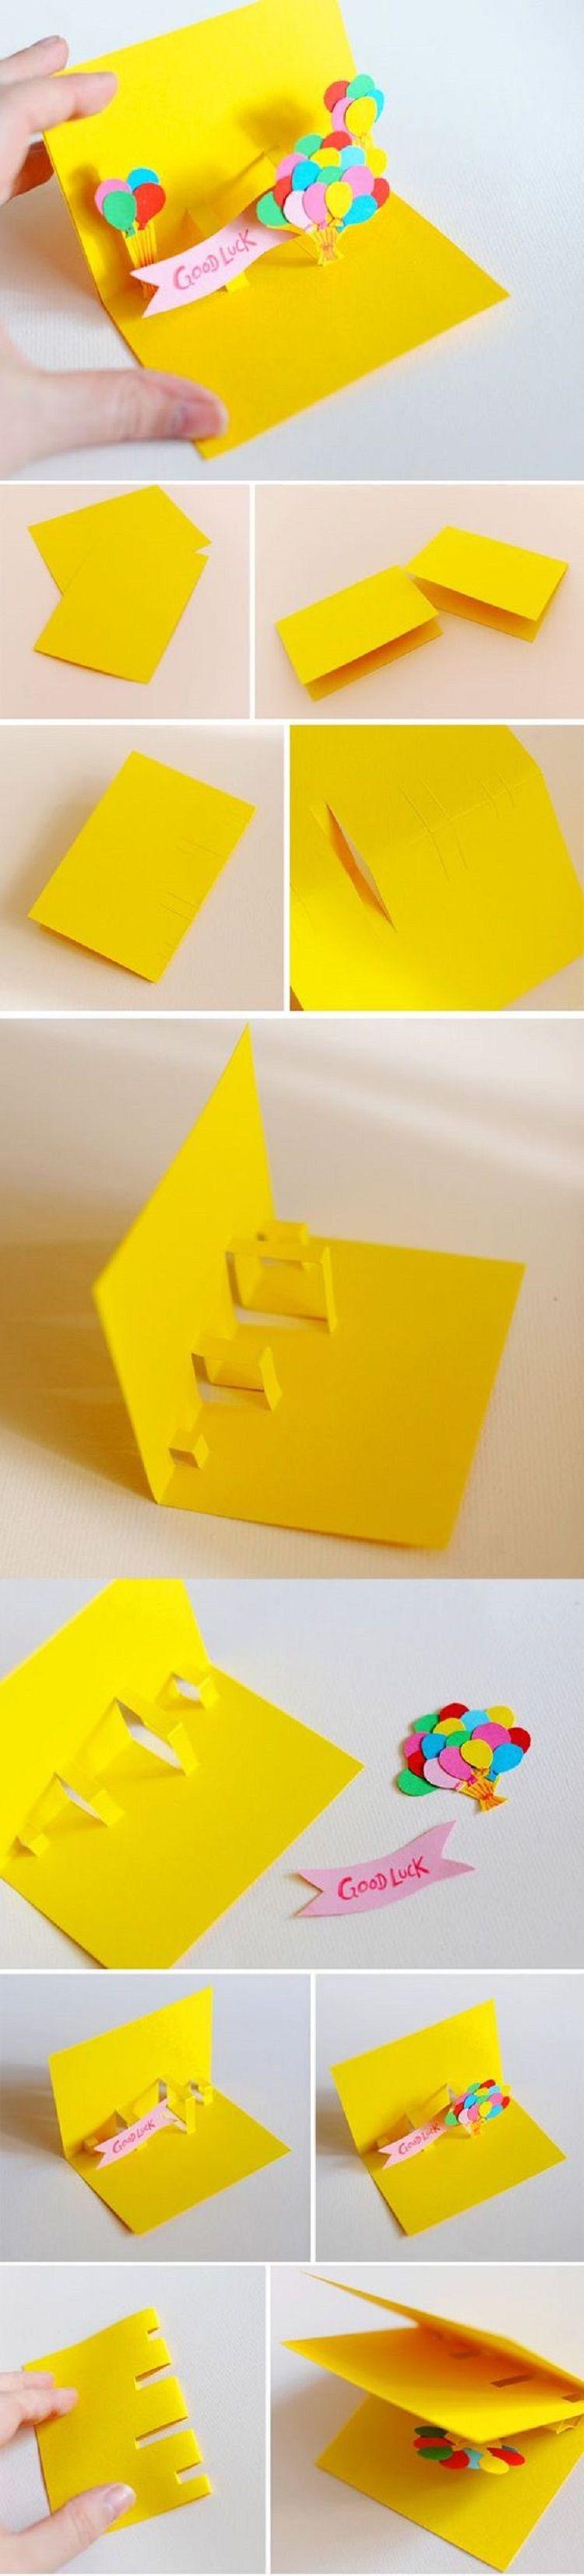 Подарки гостевую, как сделать открытку из оригами на день рождение бабушке